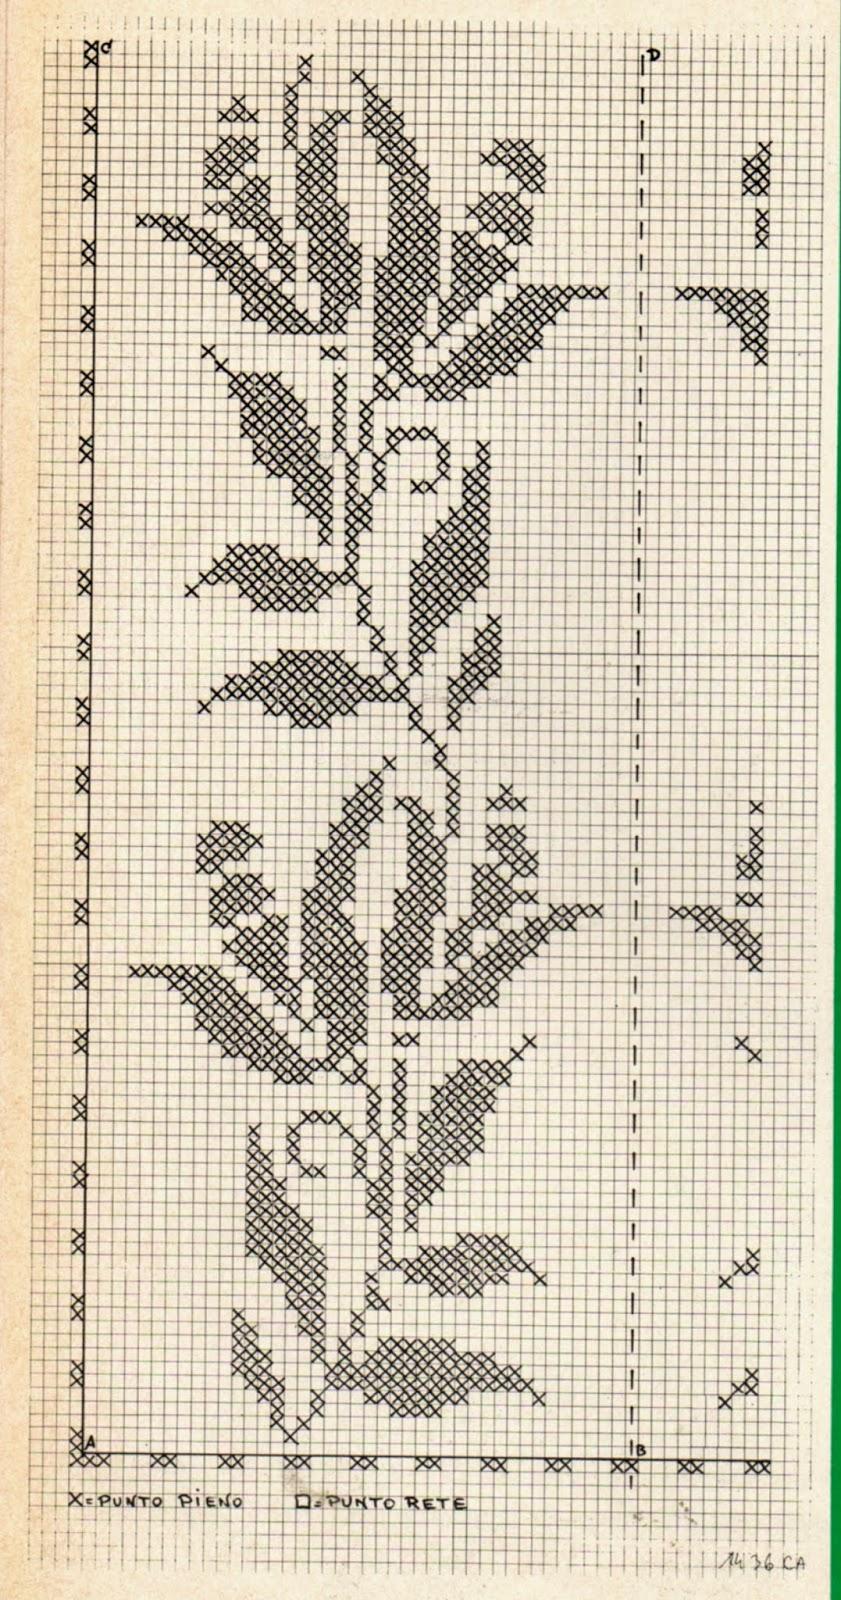 Professione donna schemi per il filet tendine con fiori for Immagini di punto croce